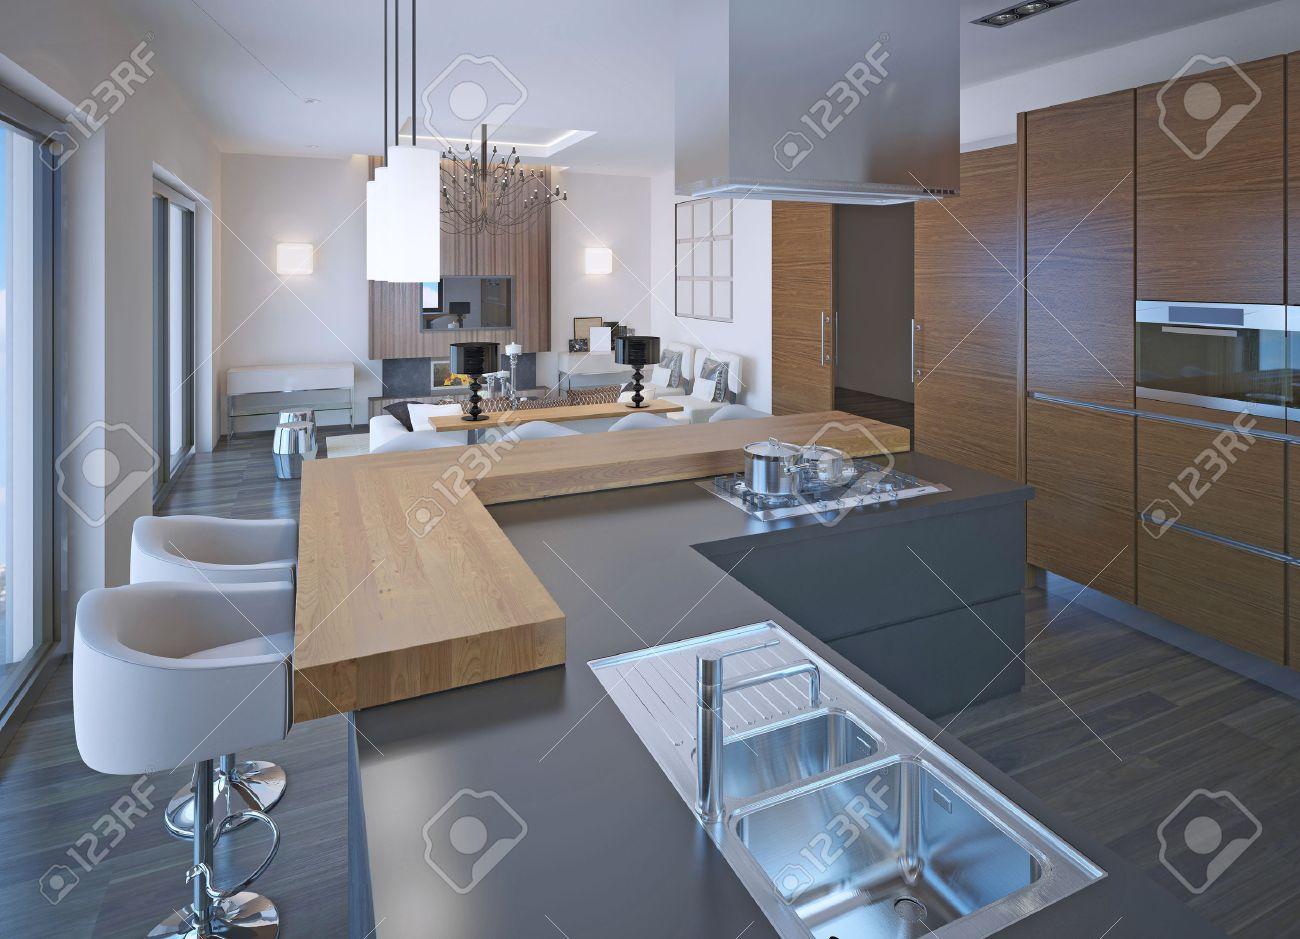 Cuisine Avec Bar Comptoir conception de la cuisine néoclassique avec bar. comptoir en bois et